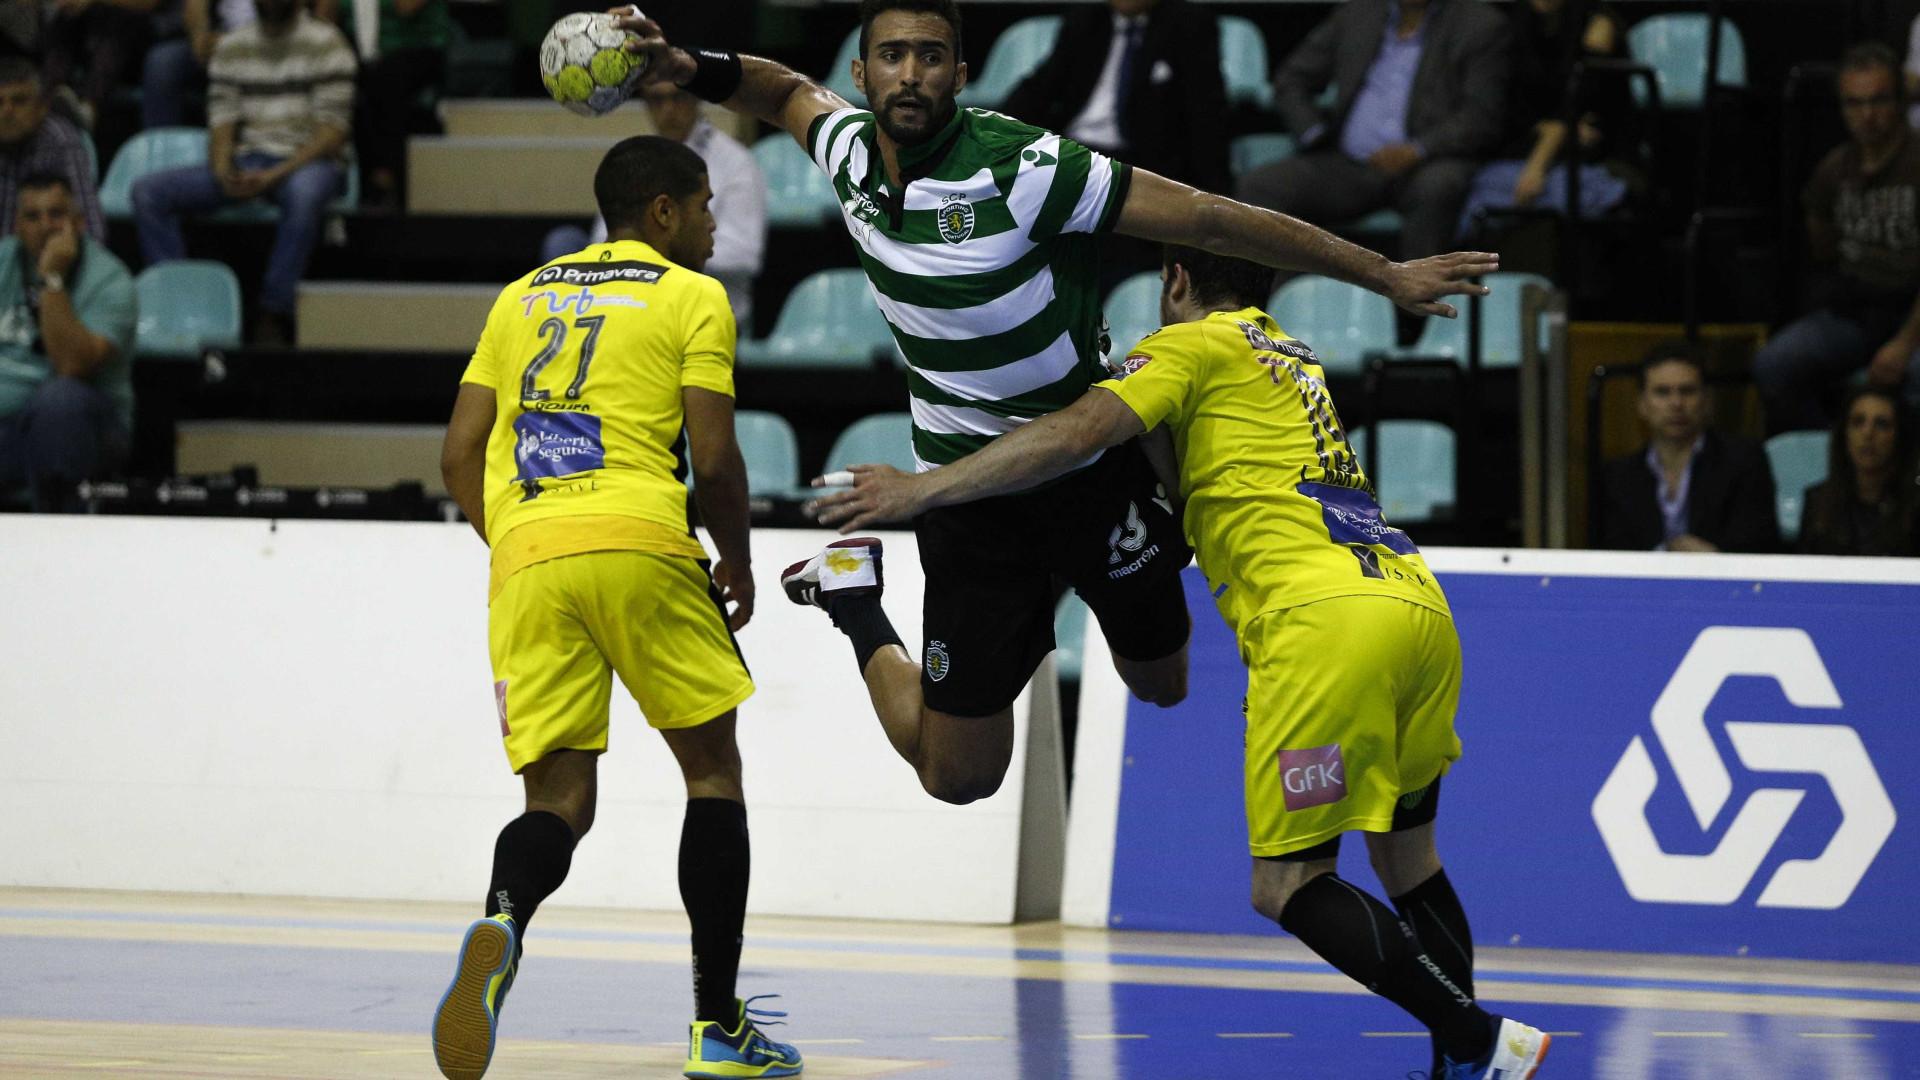 Sporting derrota campeão ABC e aproxima-se do FC Porto na liderança